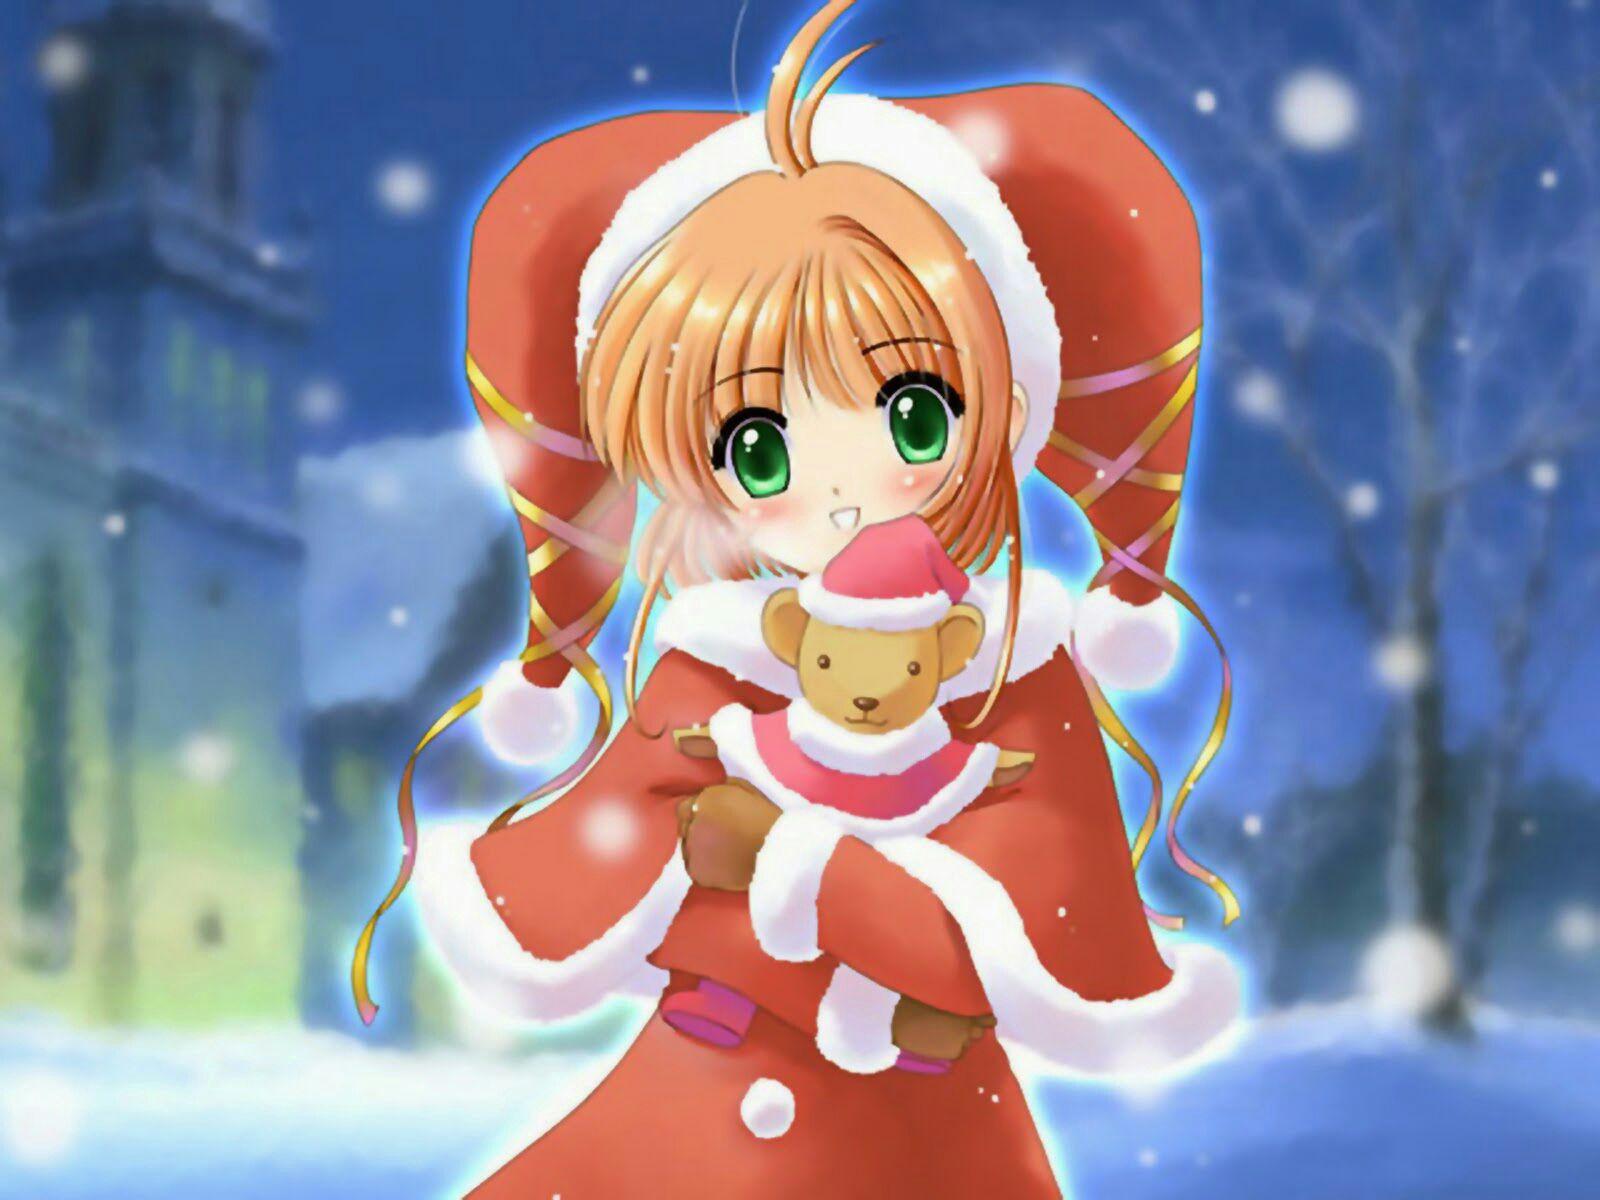 Đọc Truyện _ Kho Ảnh Anime _ - Hình của Sakura với Syaoran - ....? - Wattpad - Wattpad